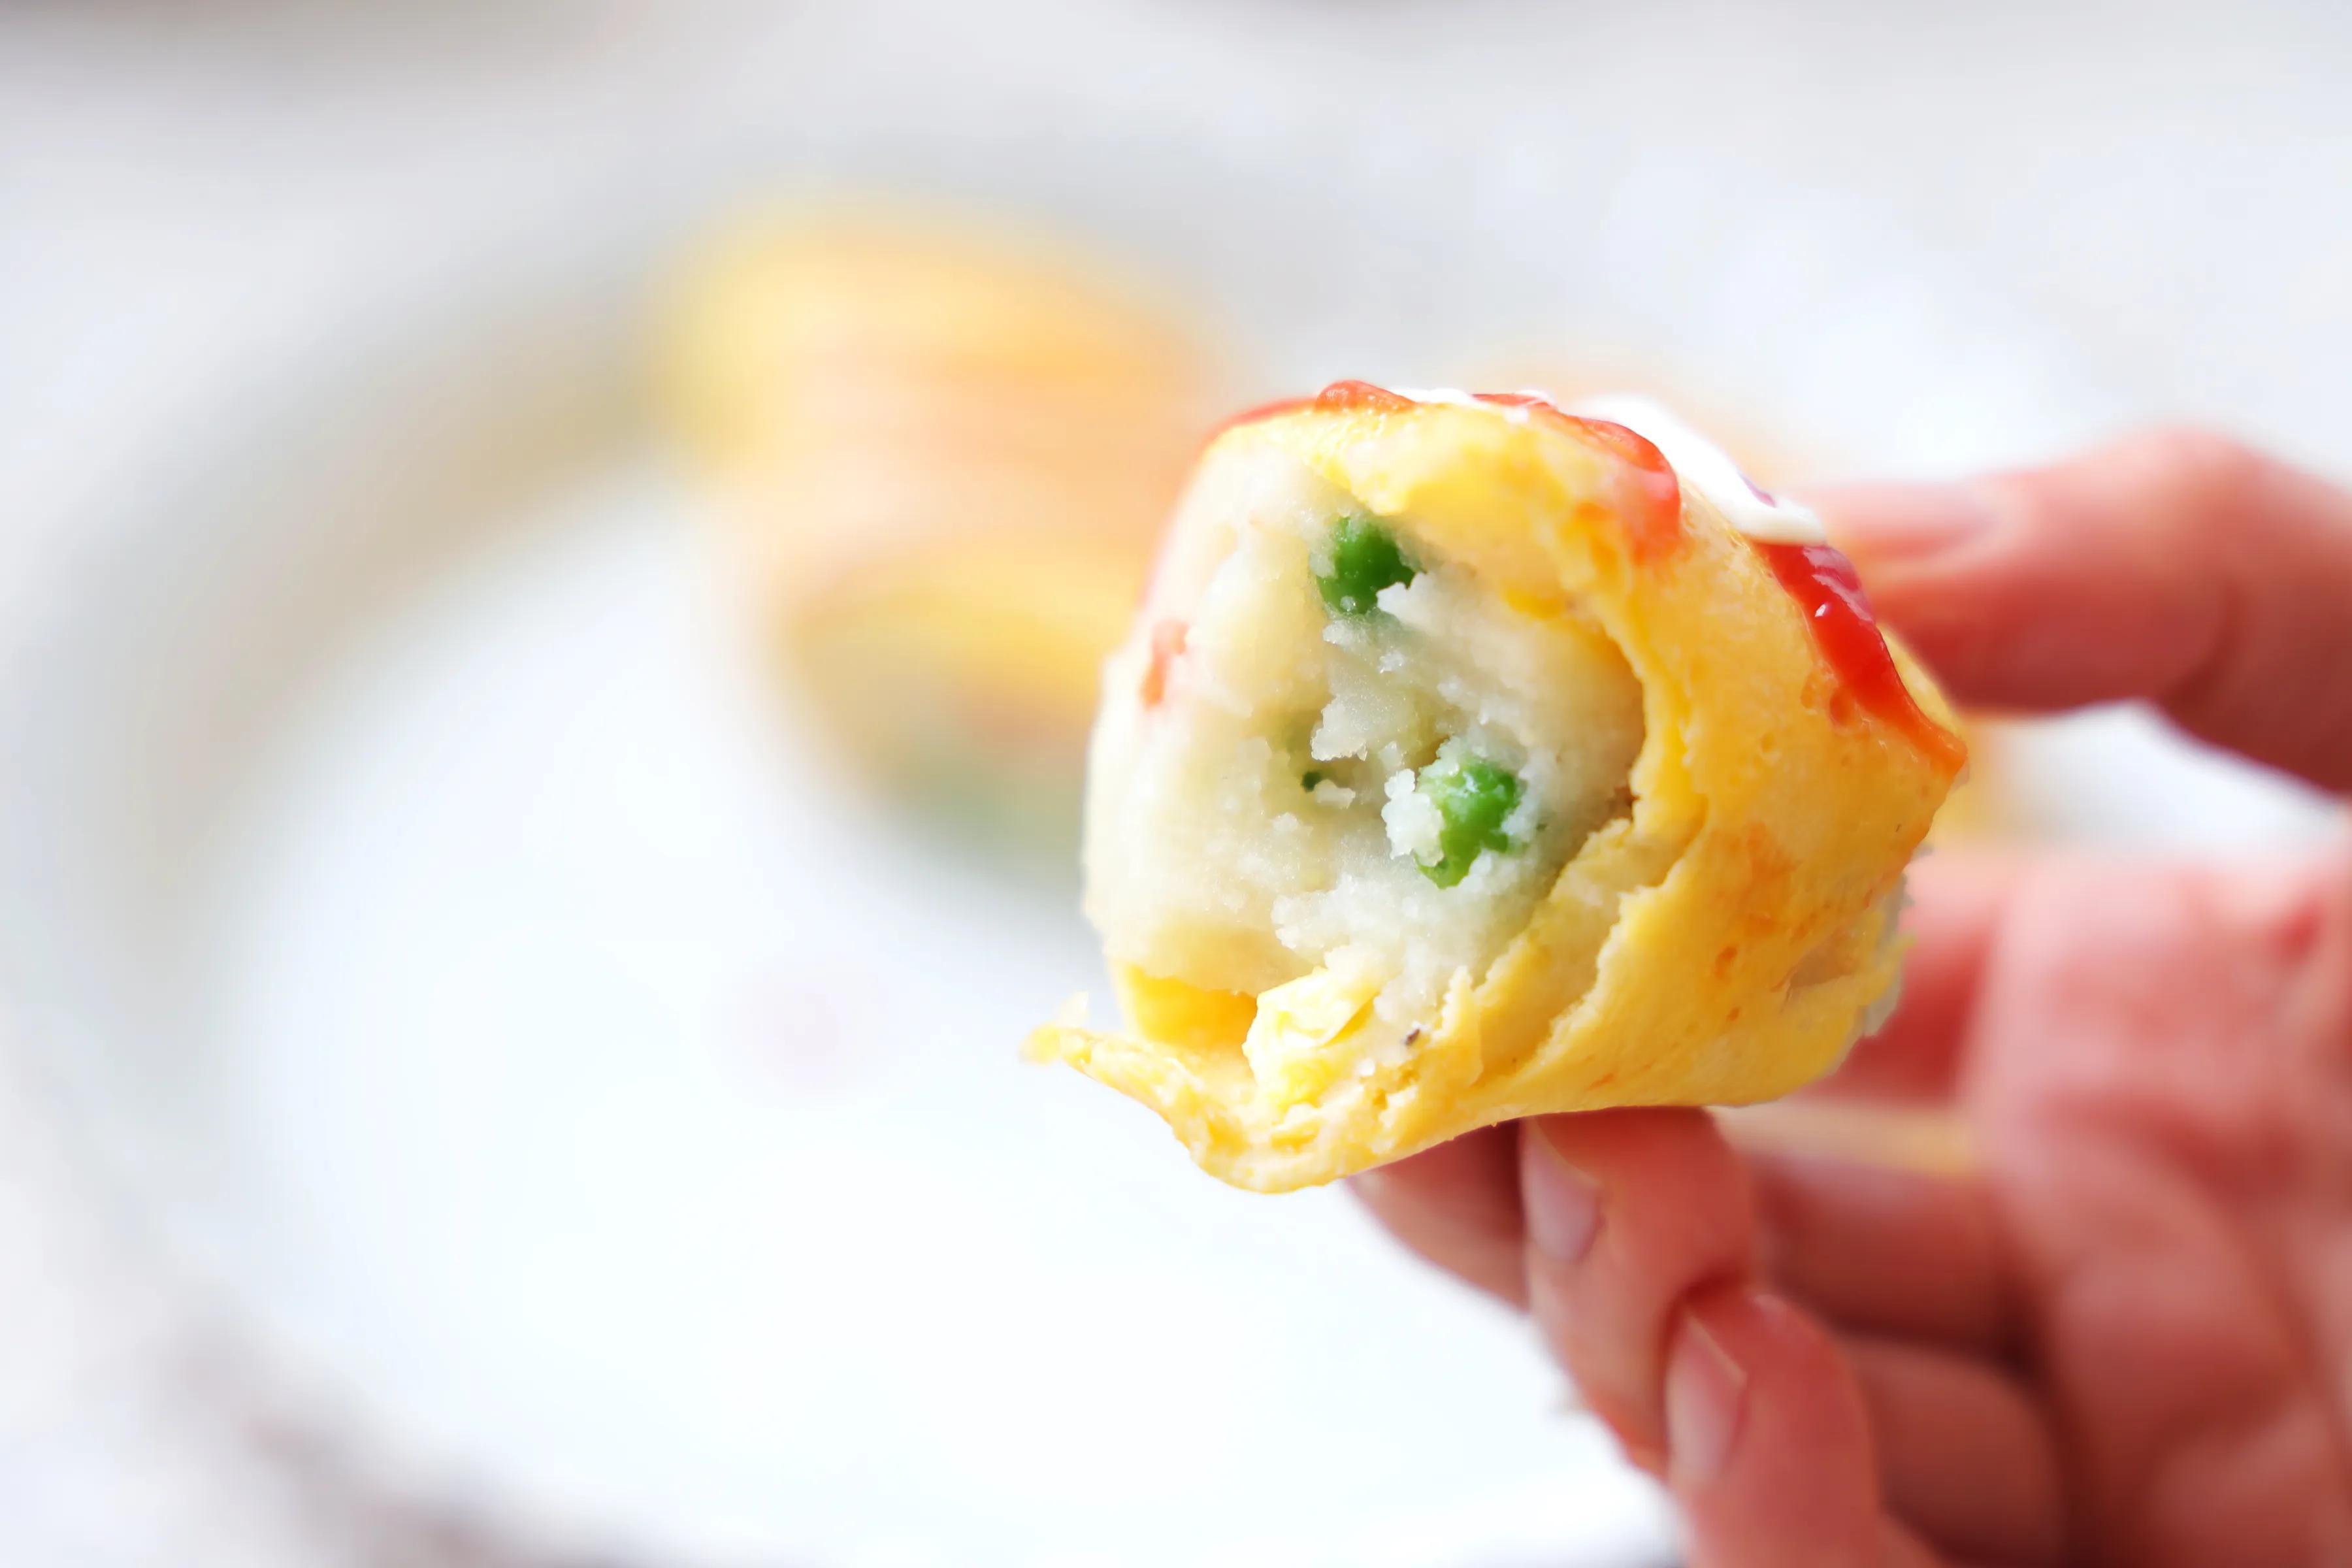 早餐新吃法,有肉有菜有主食,软糯好吃,无油无水健康无负担!